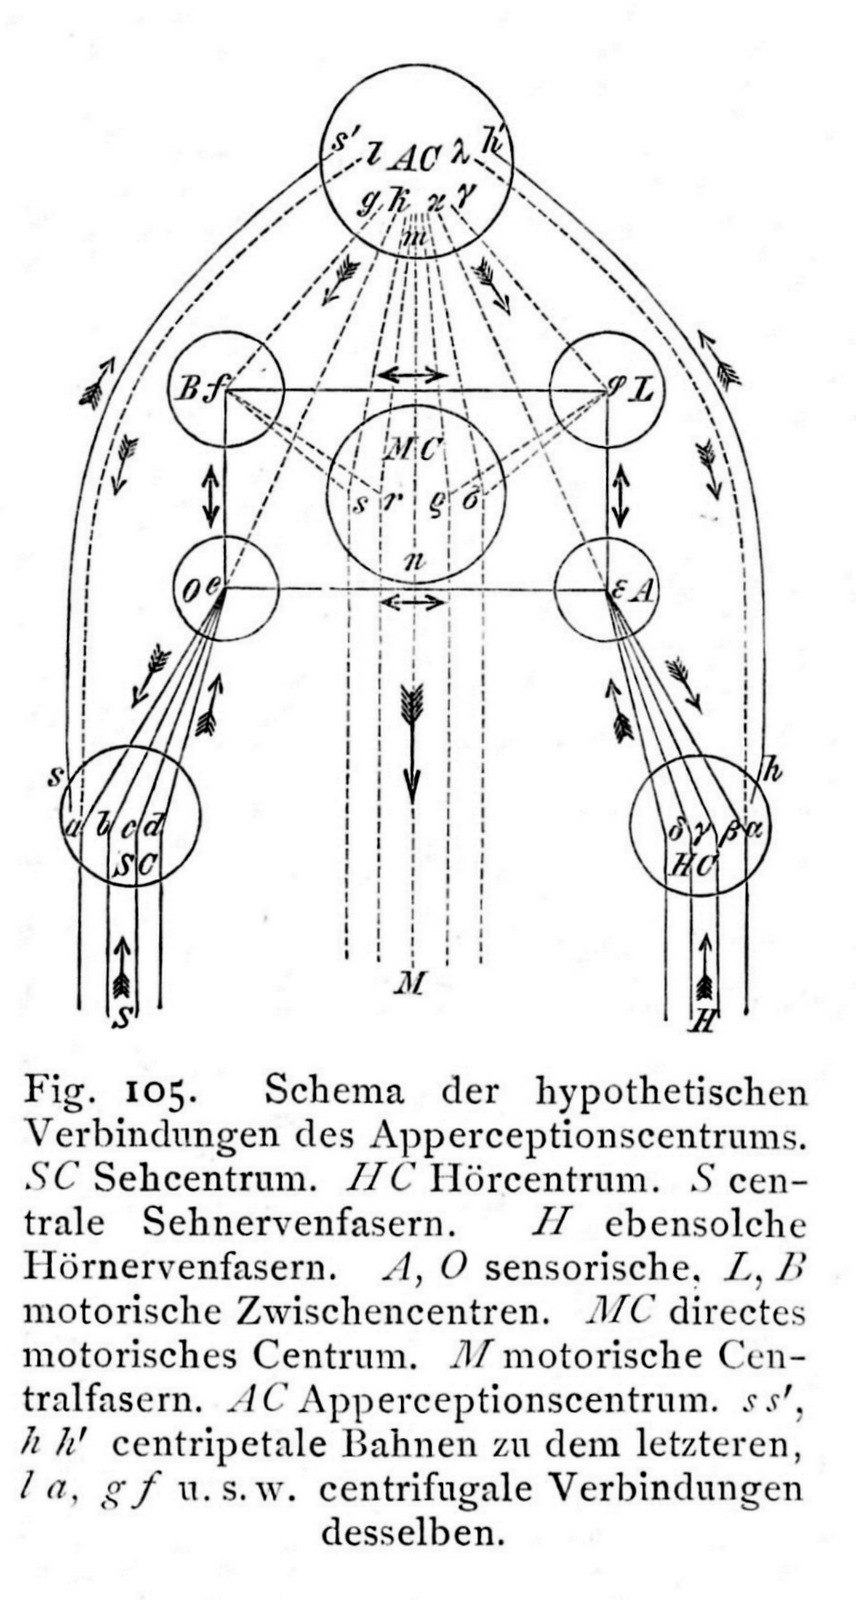 Apperzeptionszentrum (Wundt, Grundzüge, 1903, 5th ed. Vol. 1, p. 324)